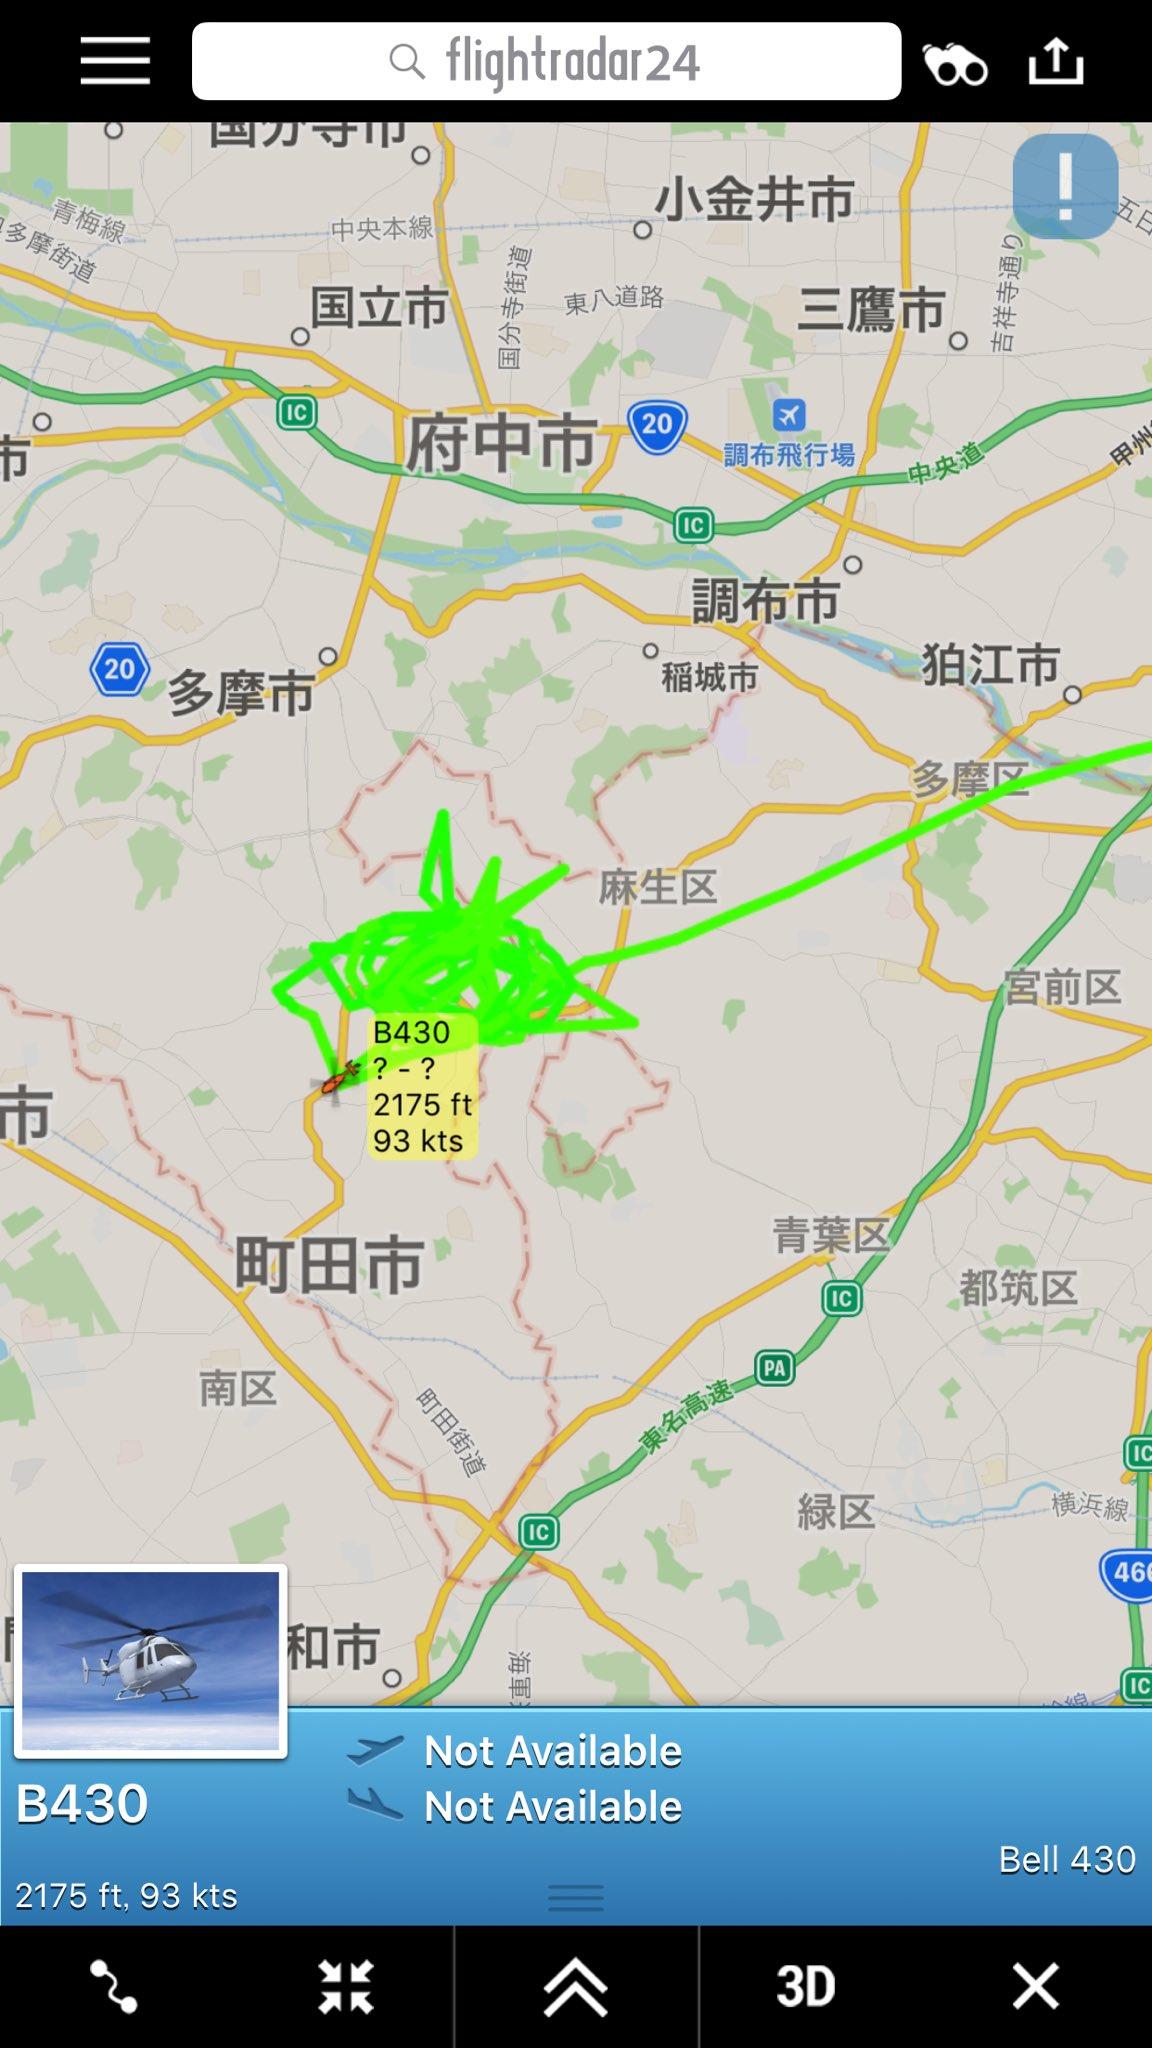 画像,町田市の事故現場はこどもの国の先あたりか https://t.co/chd43vxfNn。